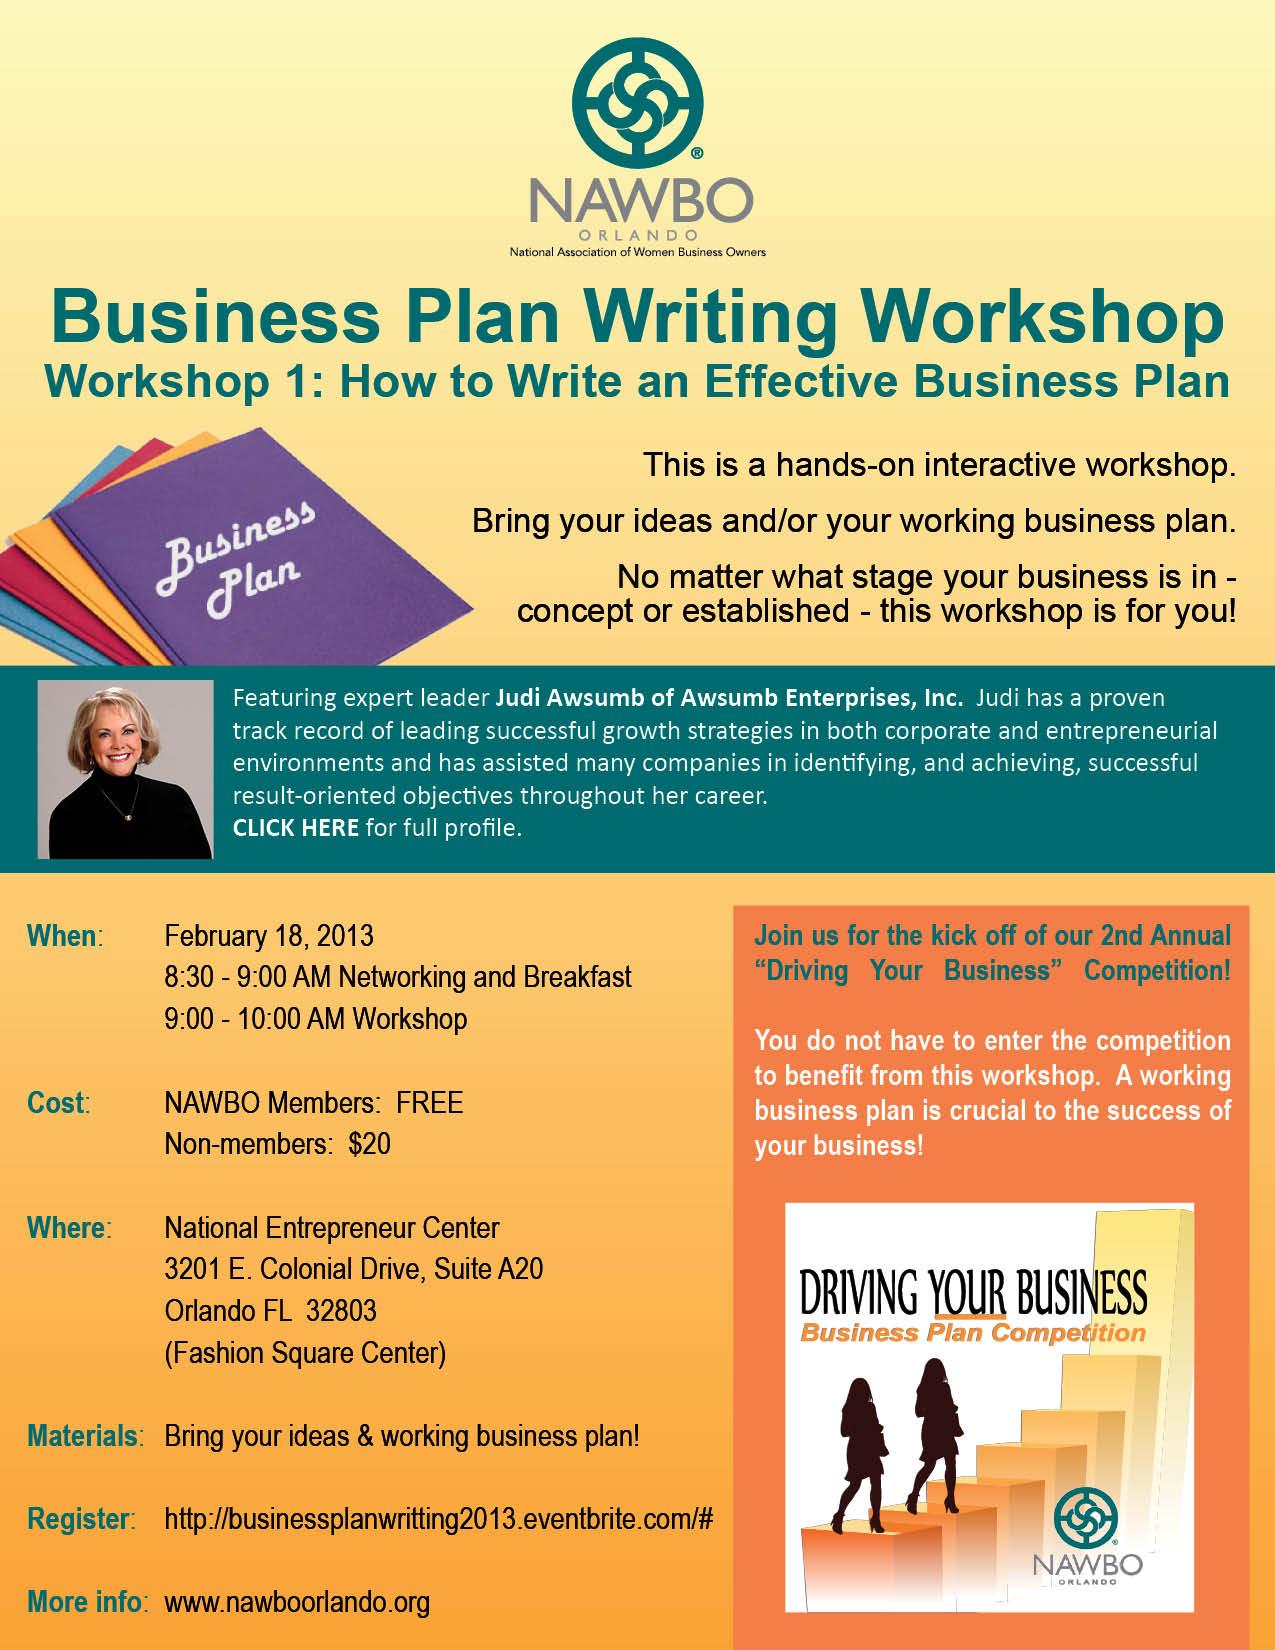 Business Plan Writing Workship 2013